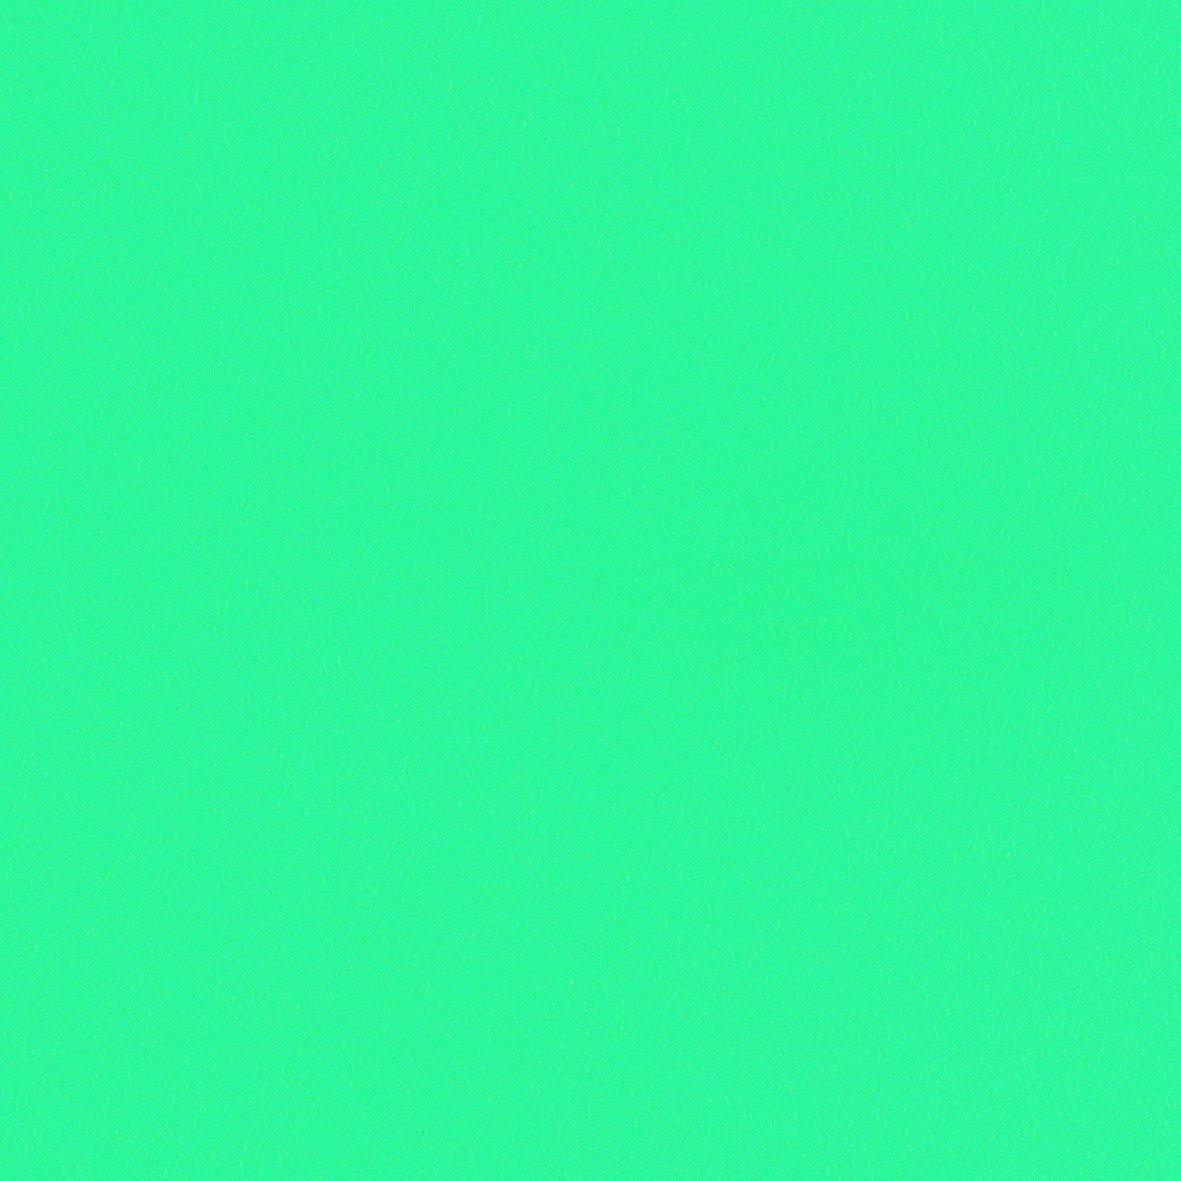 リリカラ 壁紙23m シンフル 無地 グリーン LL-8734 B01N3KW14V 23m,グリーン3